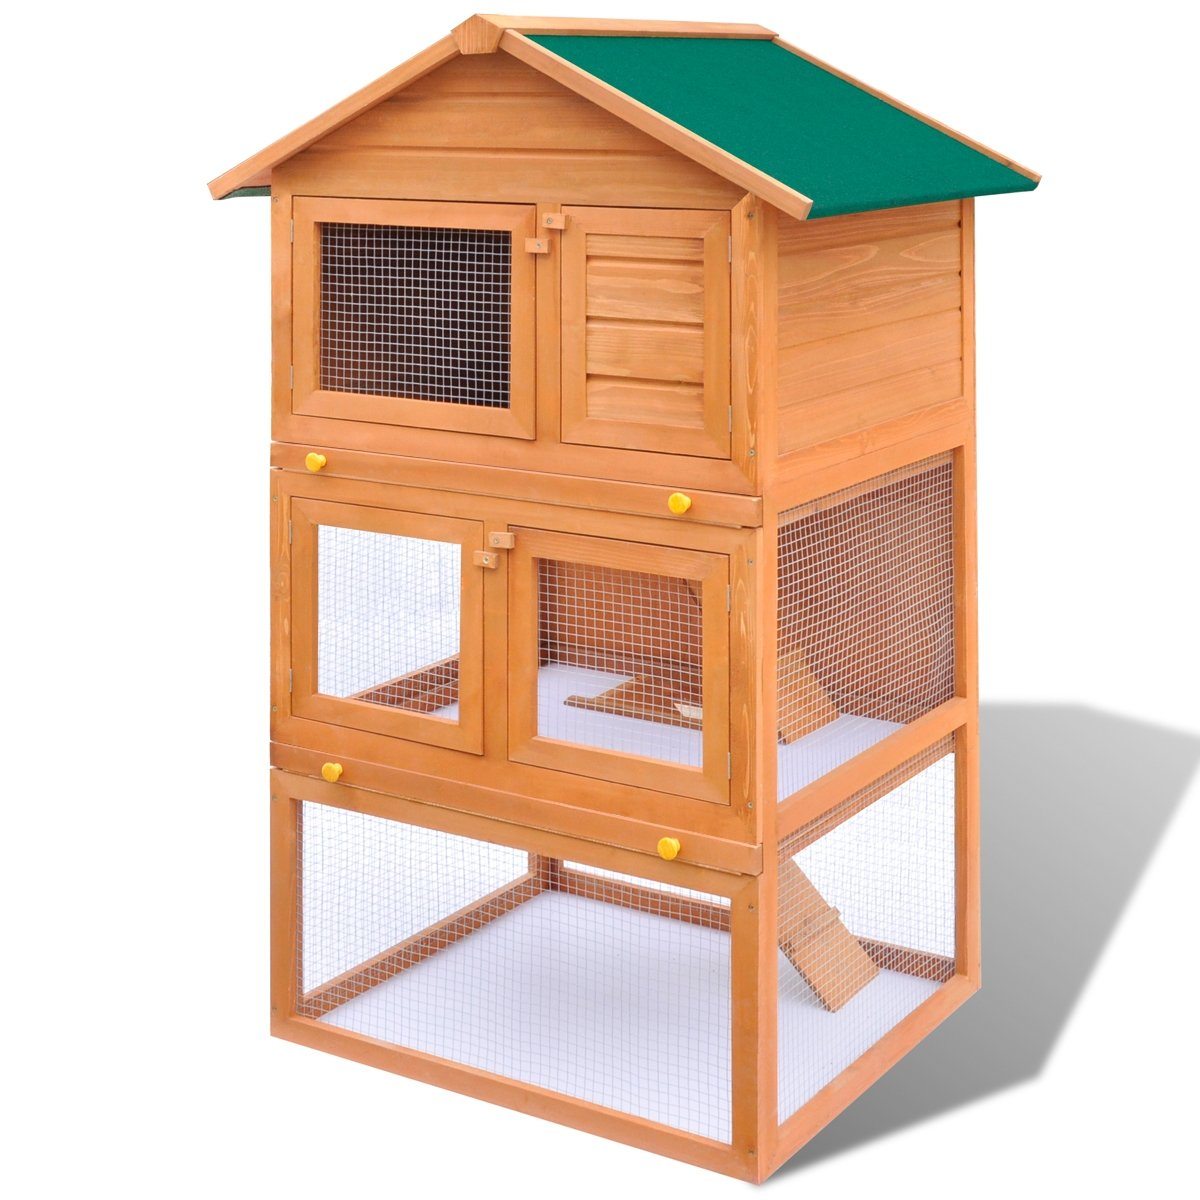 Kaninchenstall Kleintierhaus Hasenstall Holz 3 Schichten